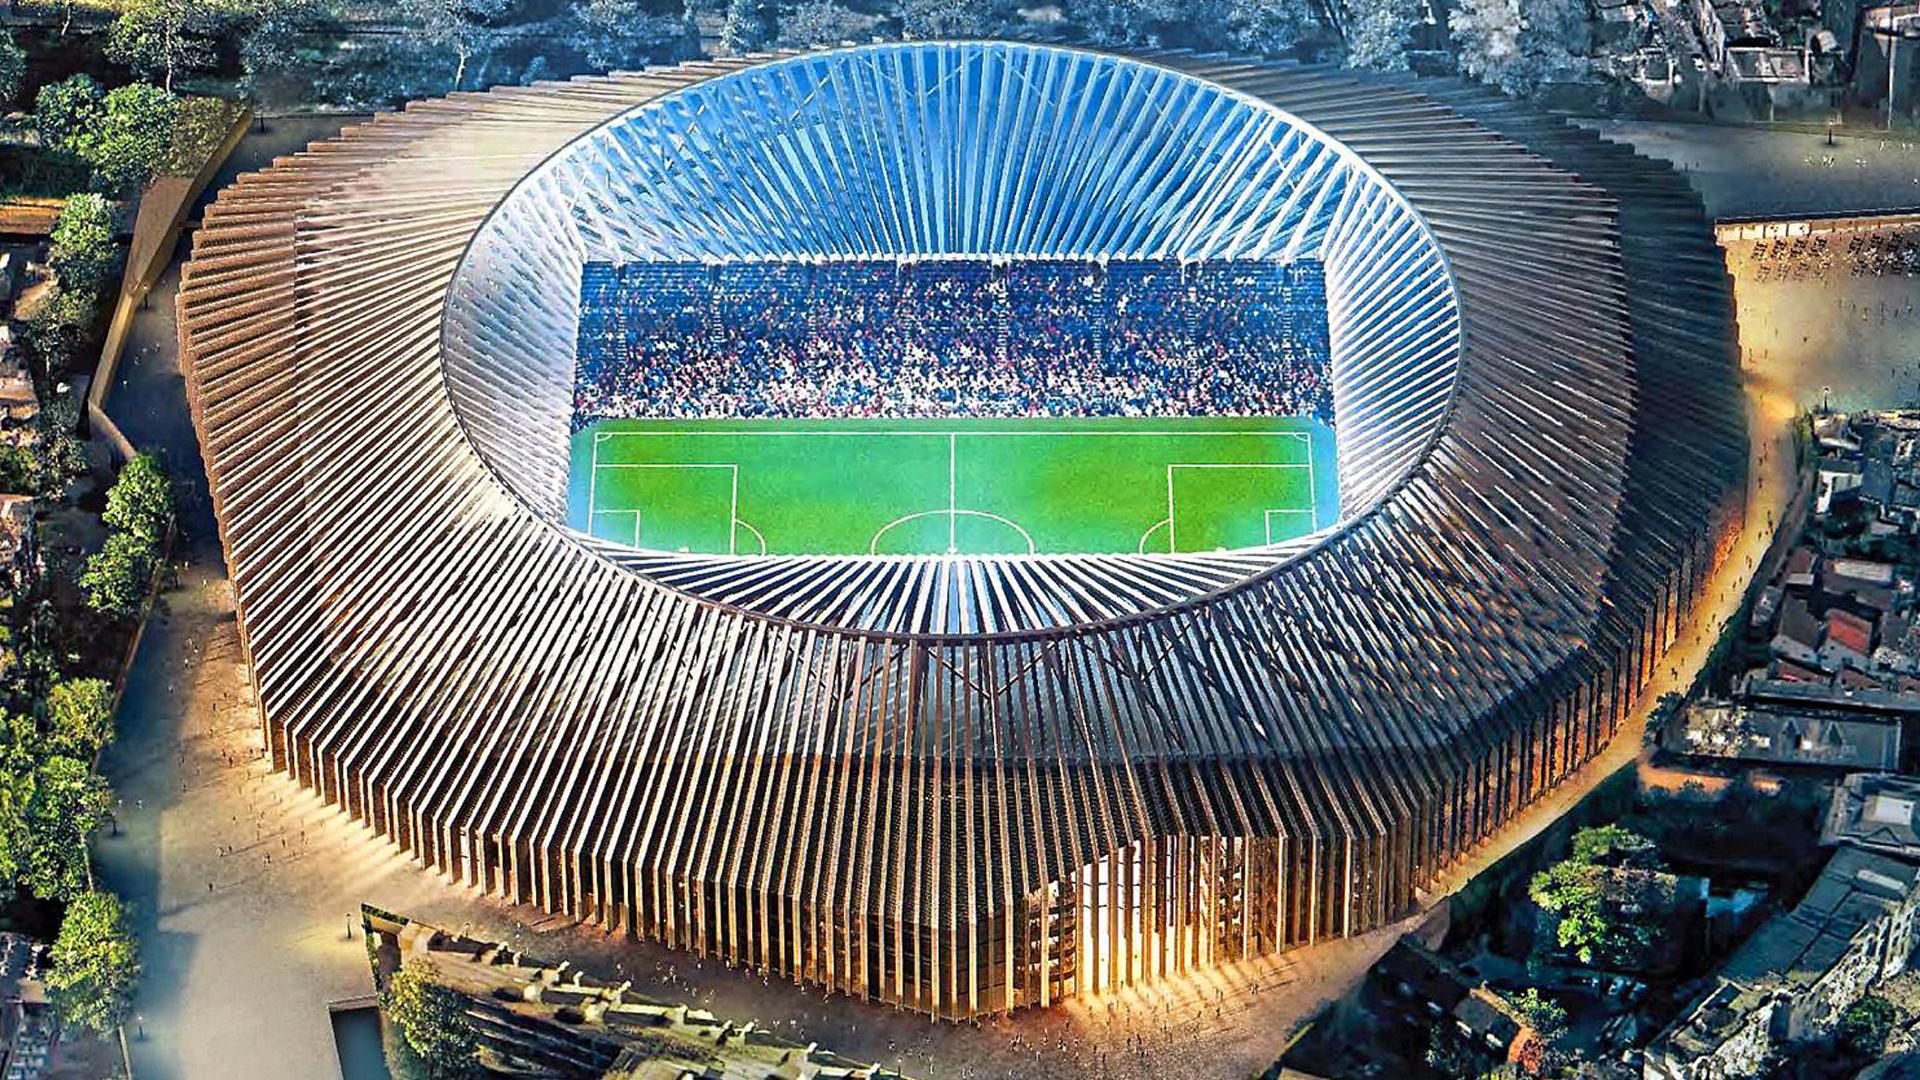 Chelsea's stadium redevelopment